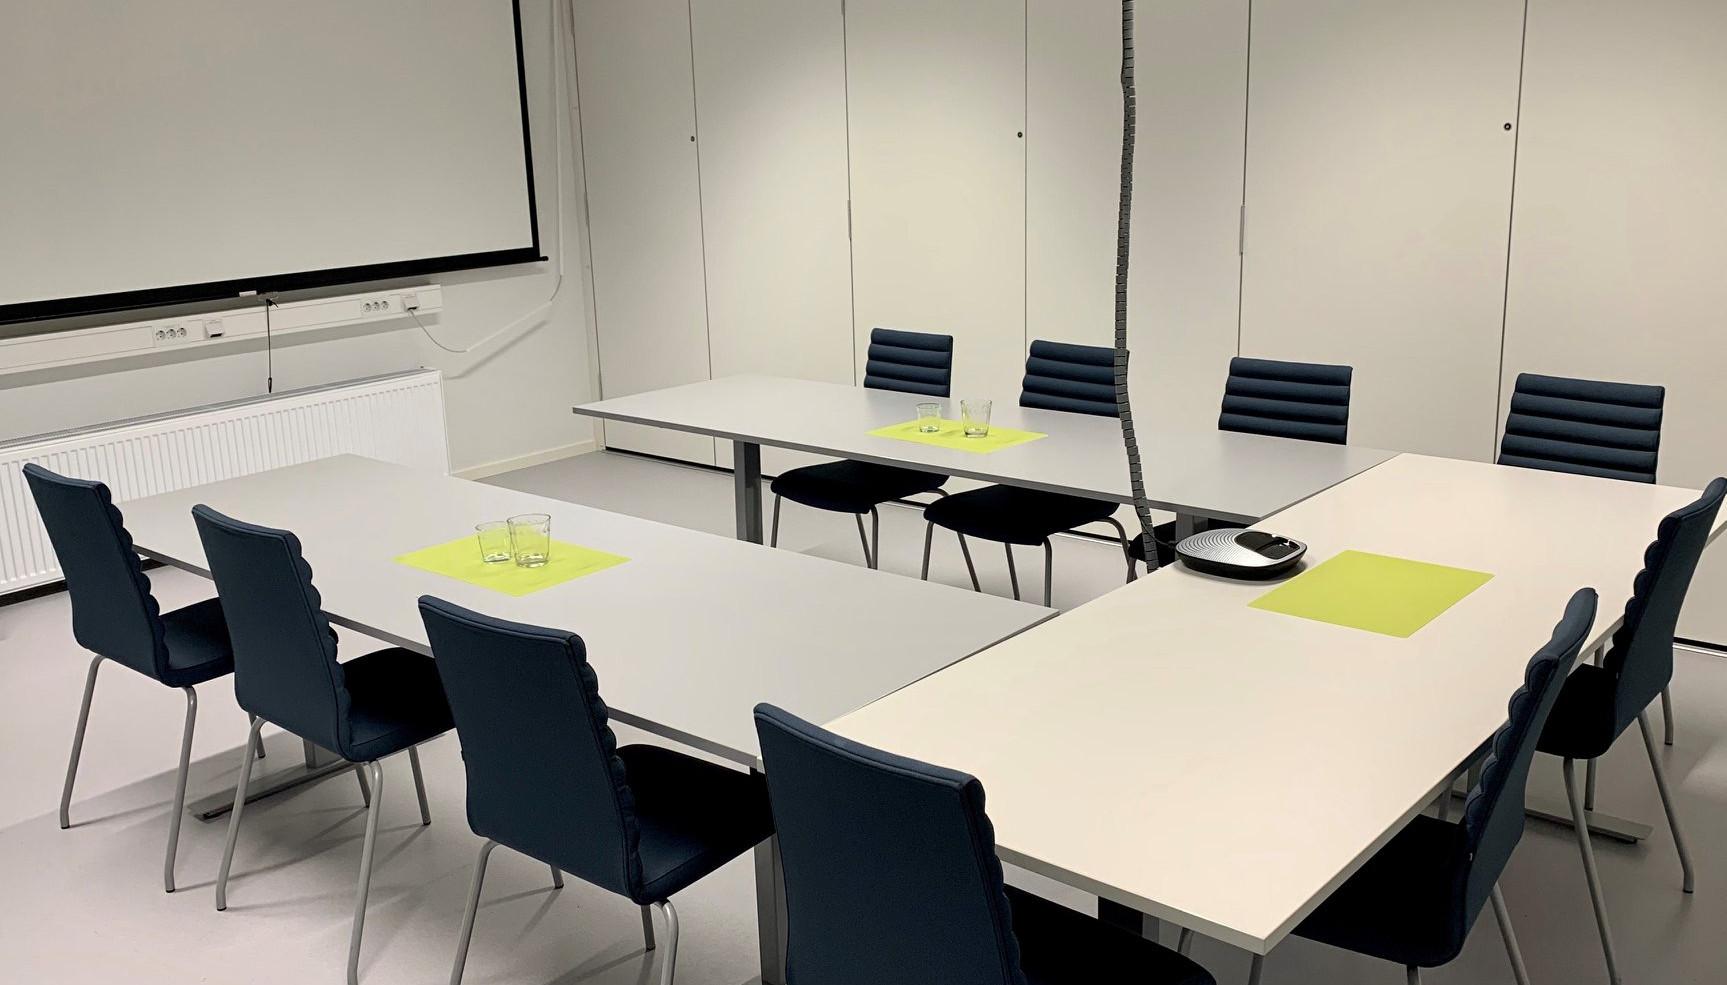 Møtelokaler_-_utleie.jpg